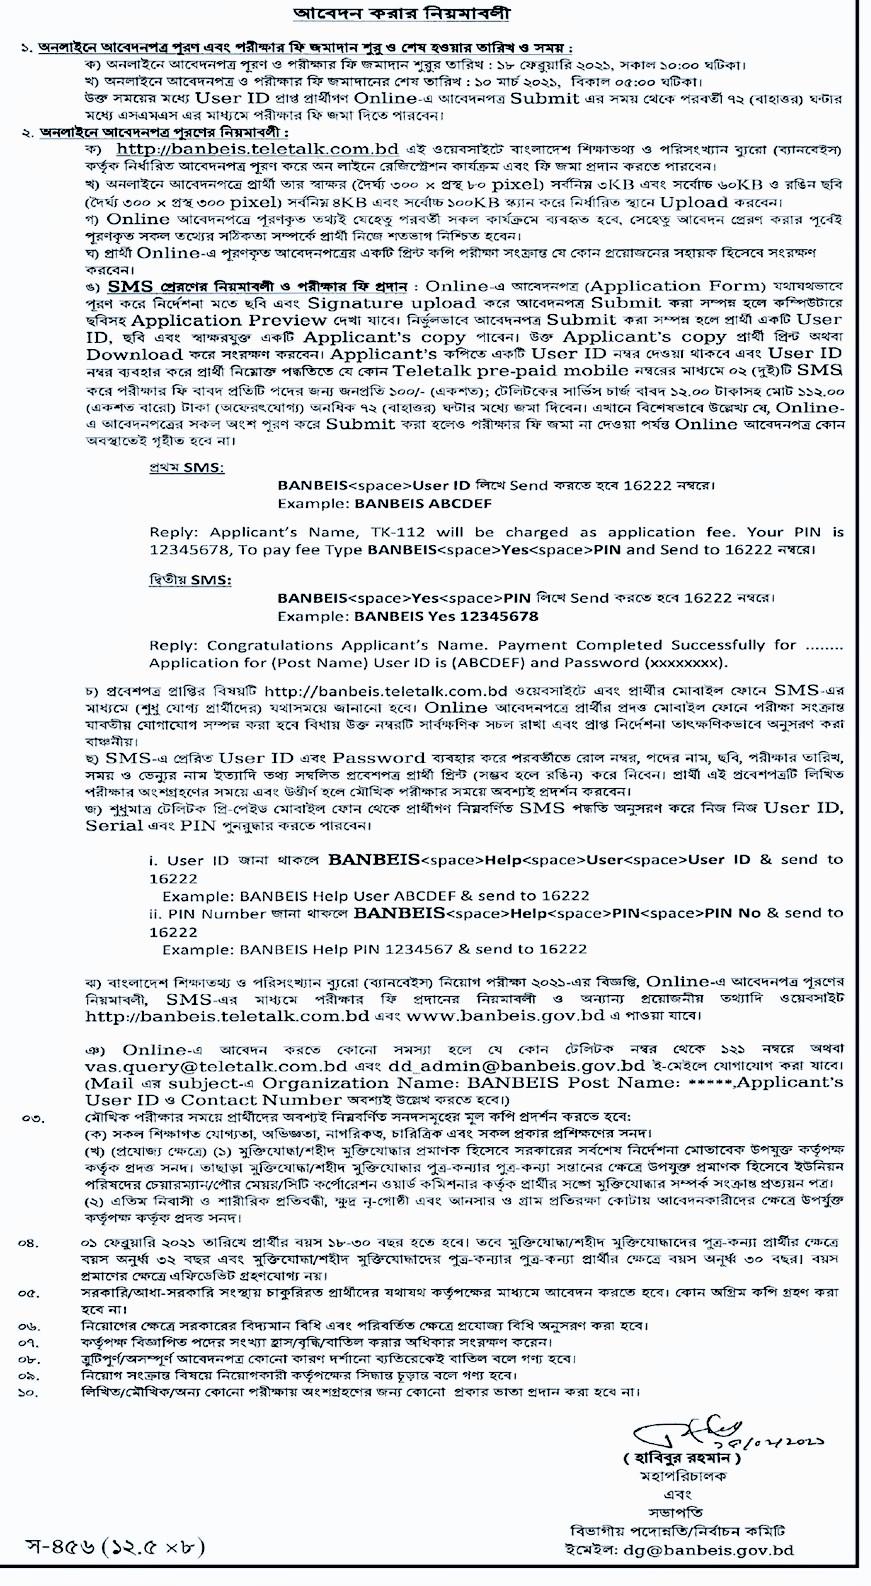 মাধ্যমিক ও উচ্চশিক্ষা বিভাগ নিয়োগ বিজ্ঞপ্তি